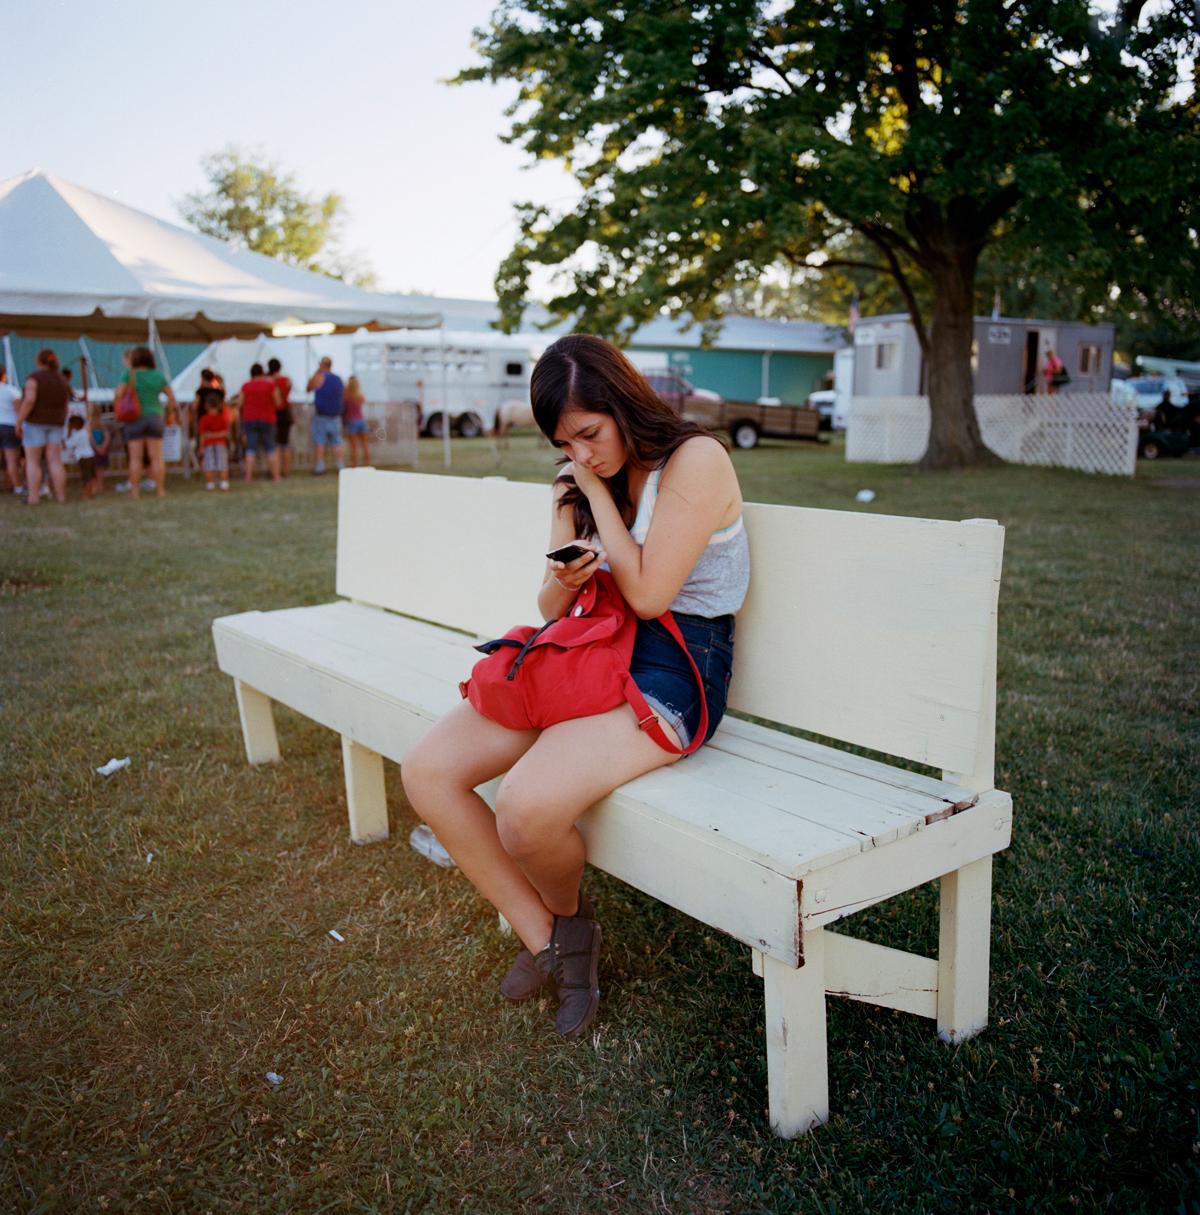 Lucas-County-Fair-Stephanie-Noritz-13.jpg